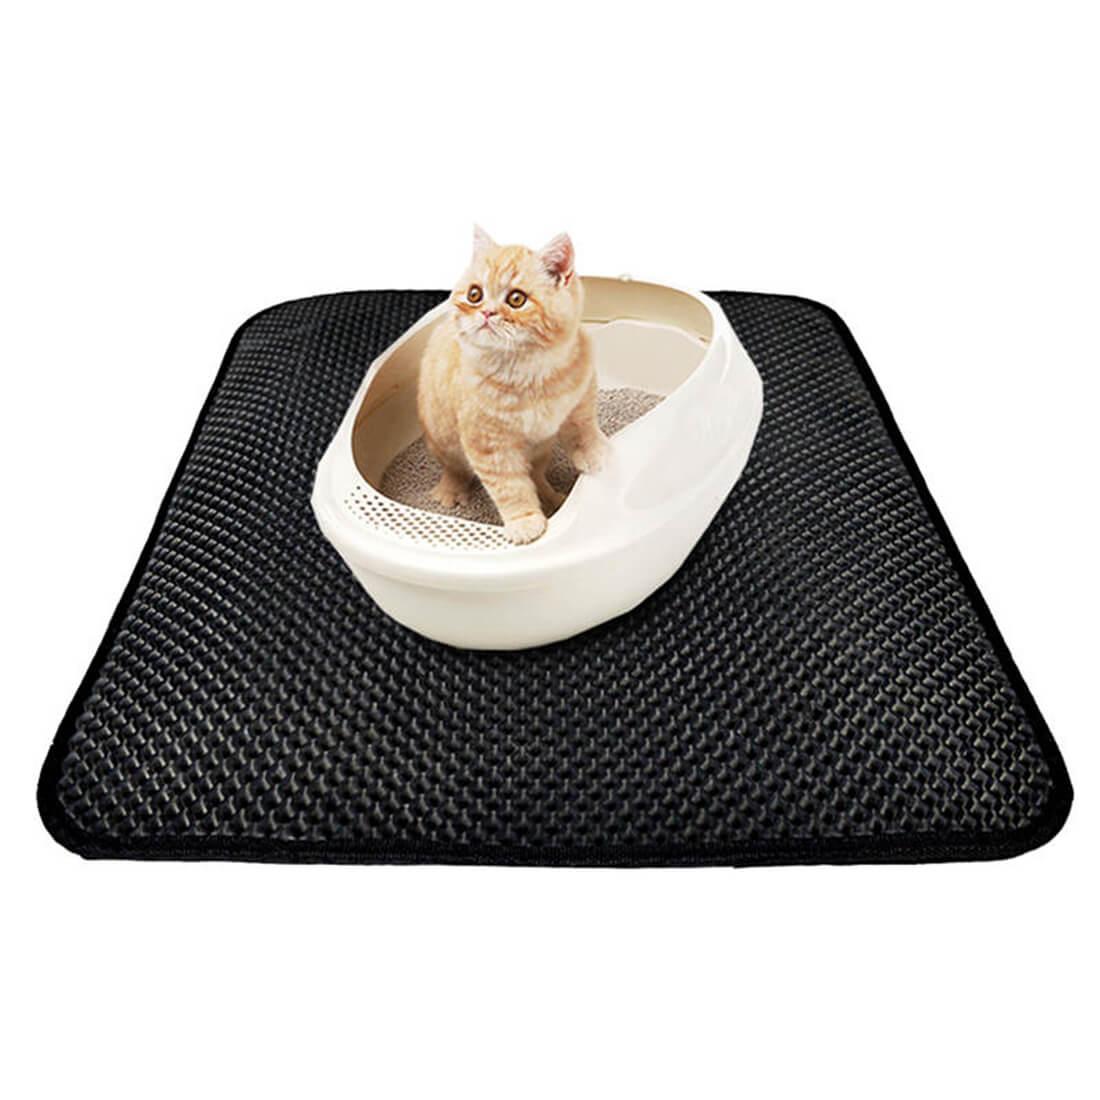 Cat Litter Mat || Keep Litter Box Messes Contained